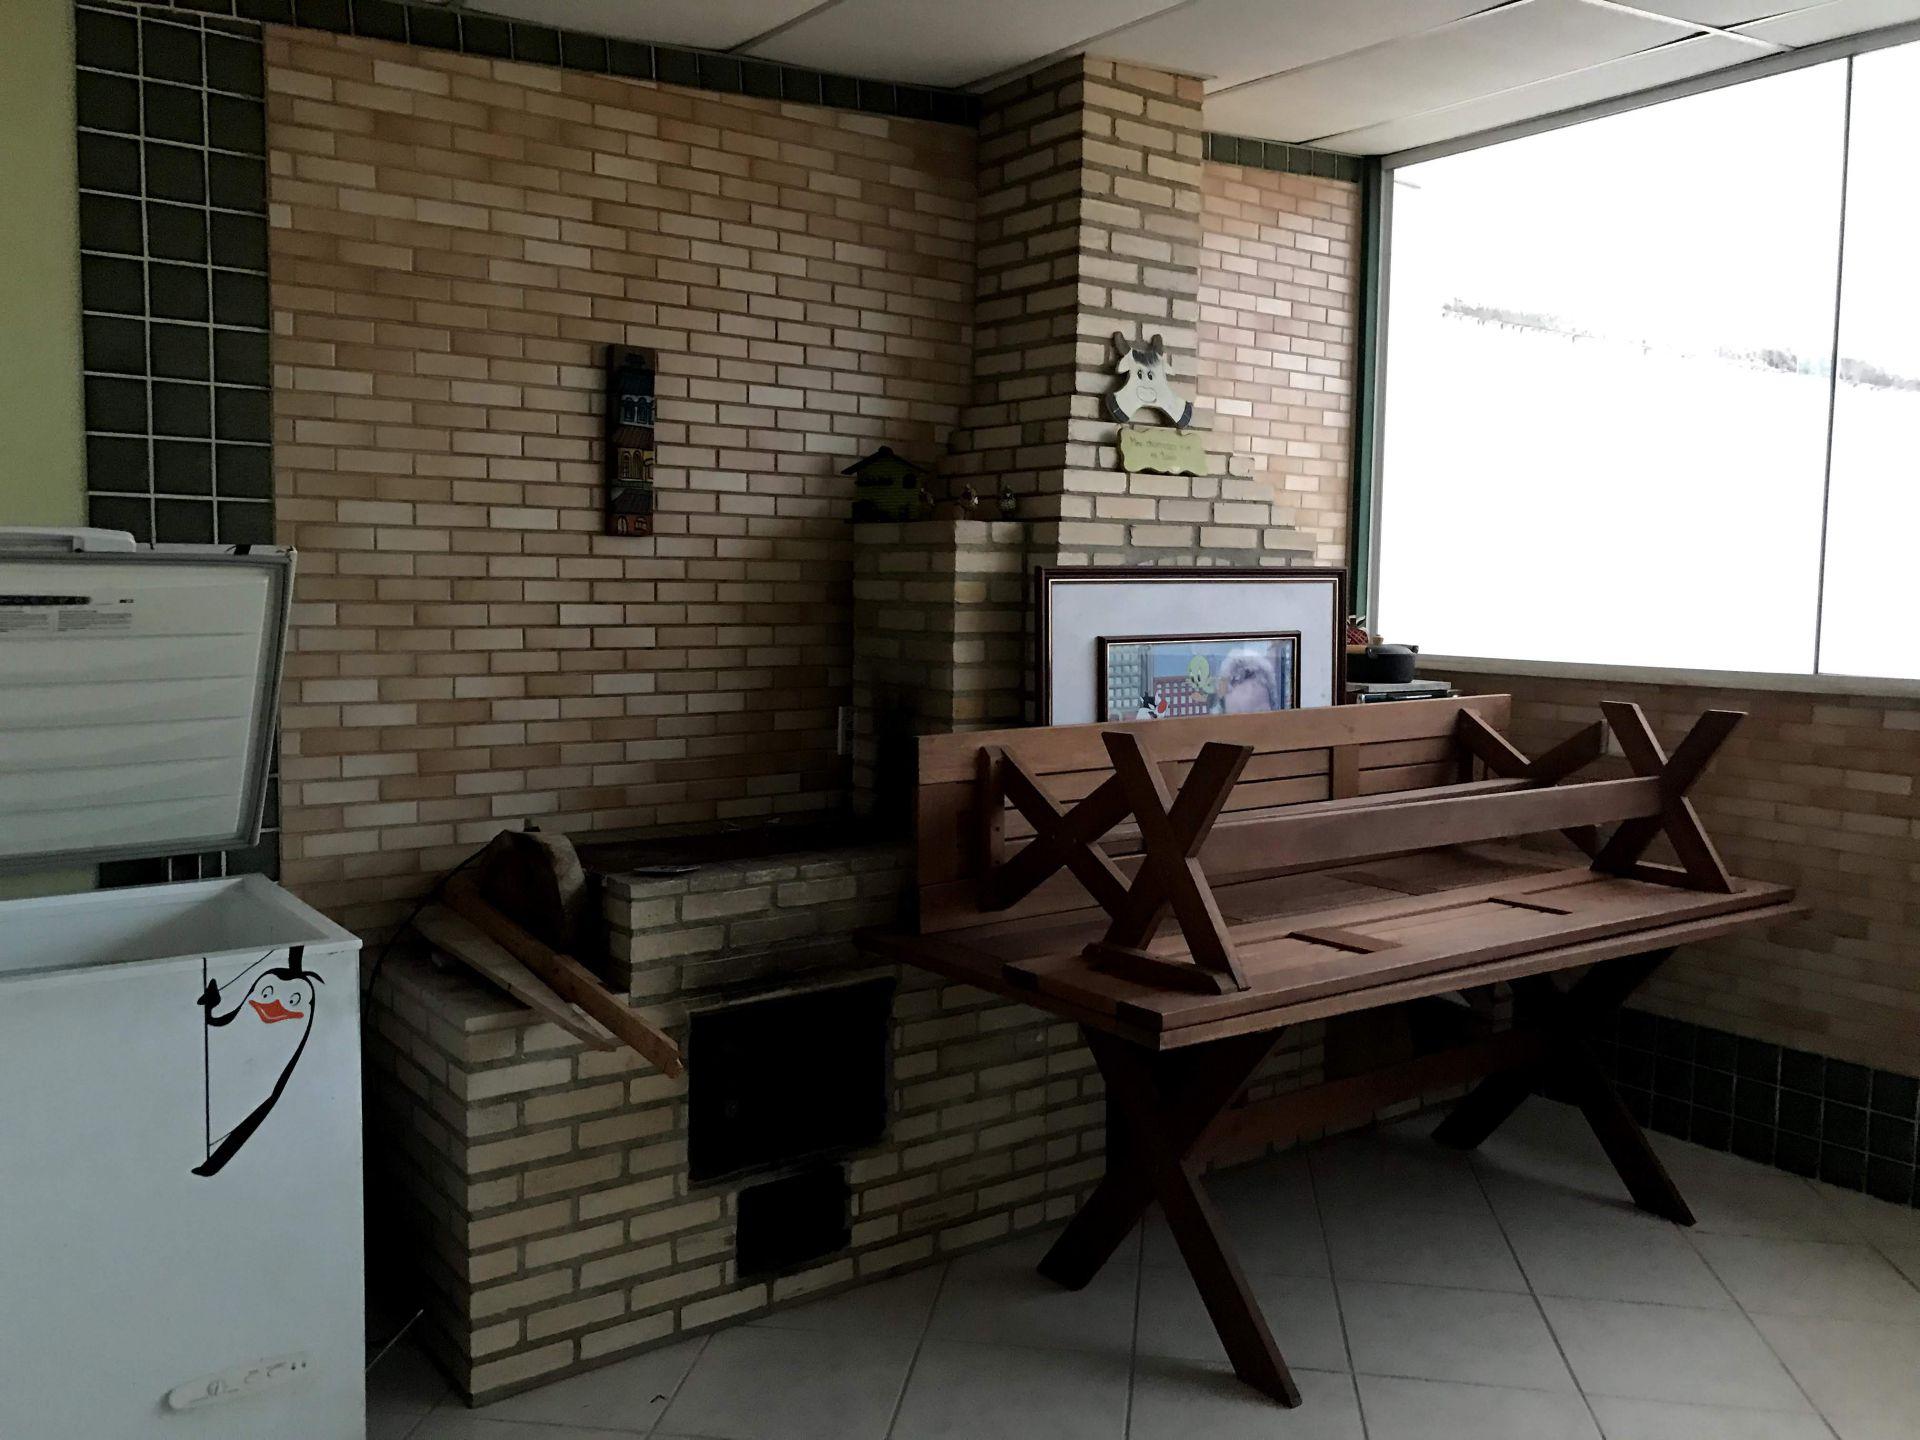 FOTO 24 - Casa em Condomínio à venda Rua Rosário Oeste,Vila Valqueire, Rio de Janeiro - R$ 1.500.000 - RF257 - 25